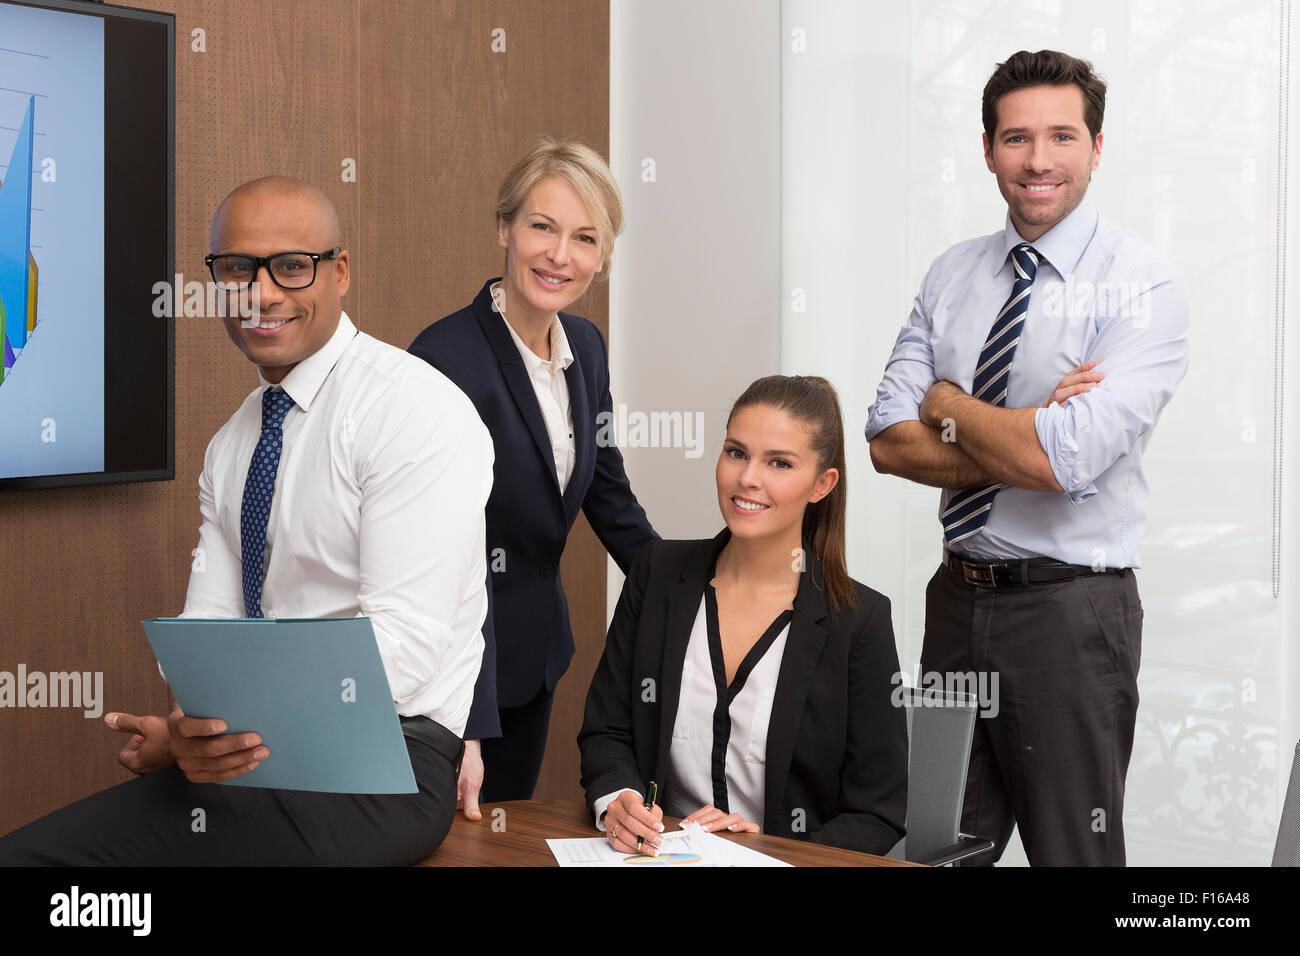 Ritratto di un popolo di business group Immagini Stock